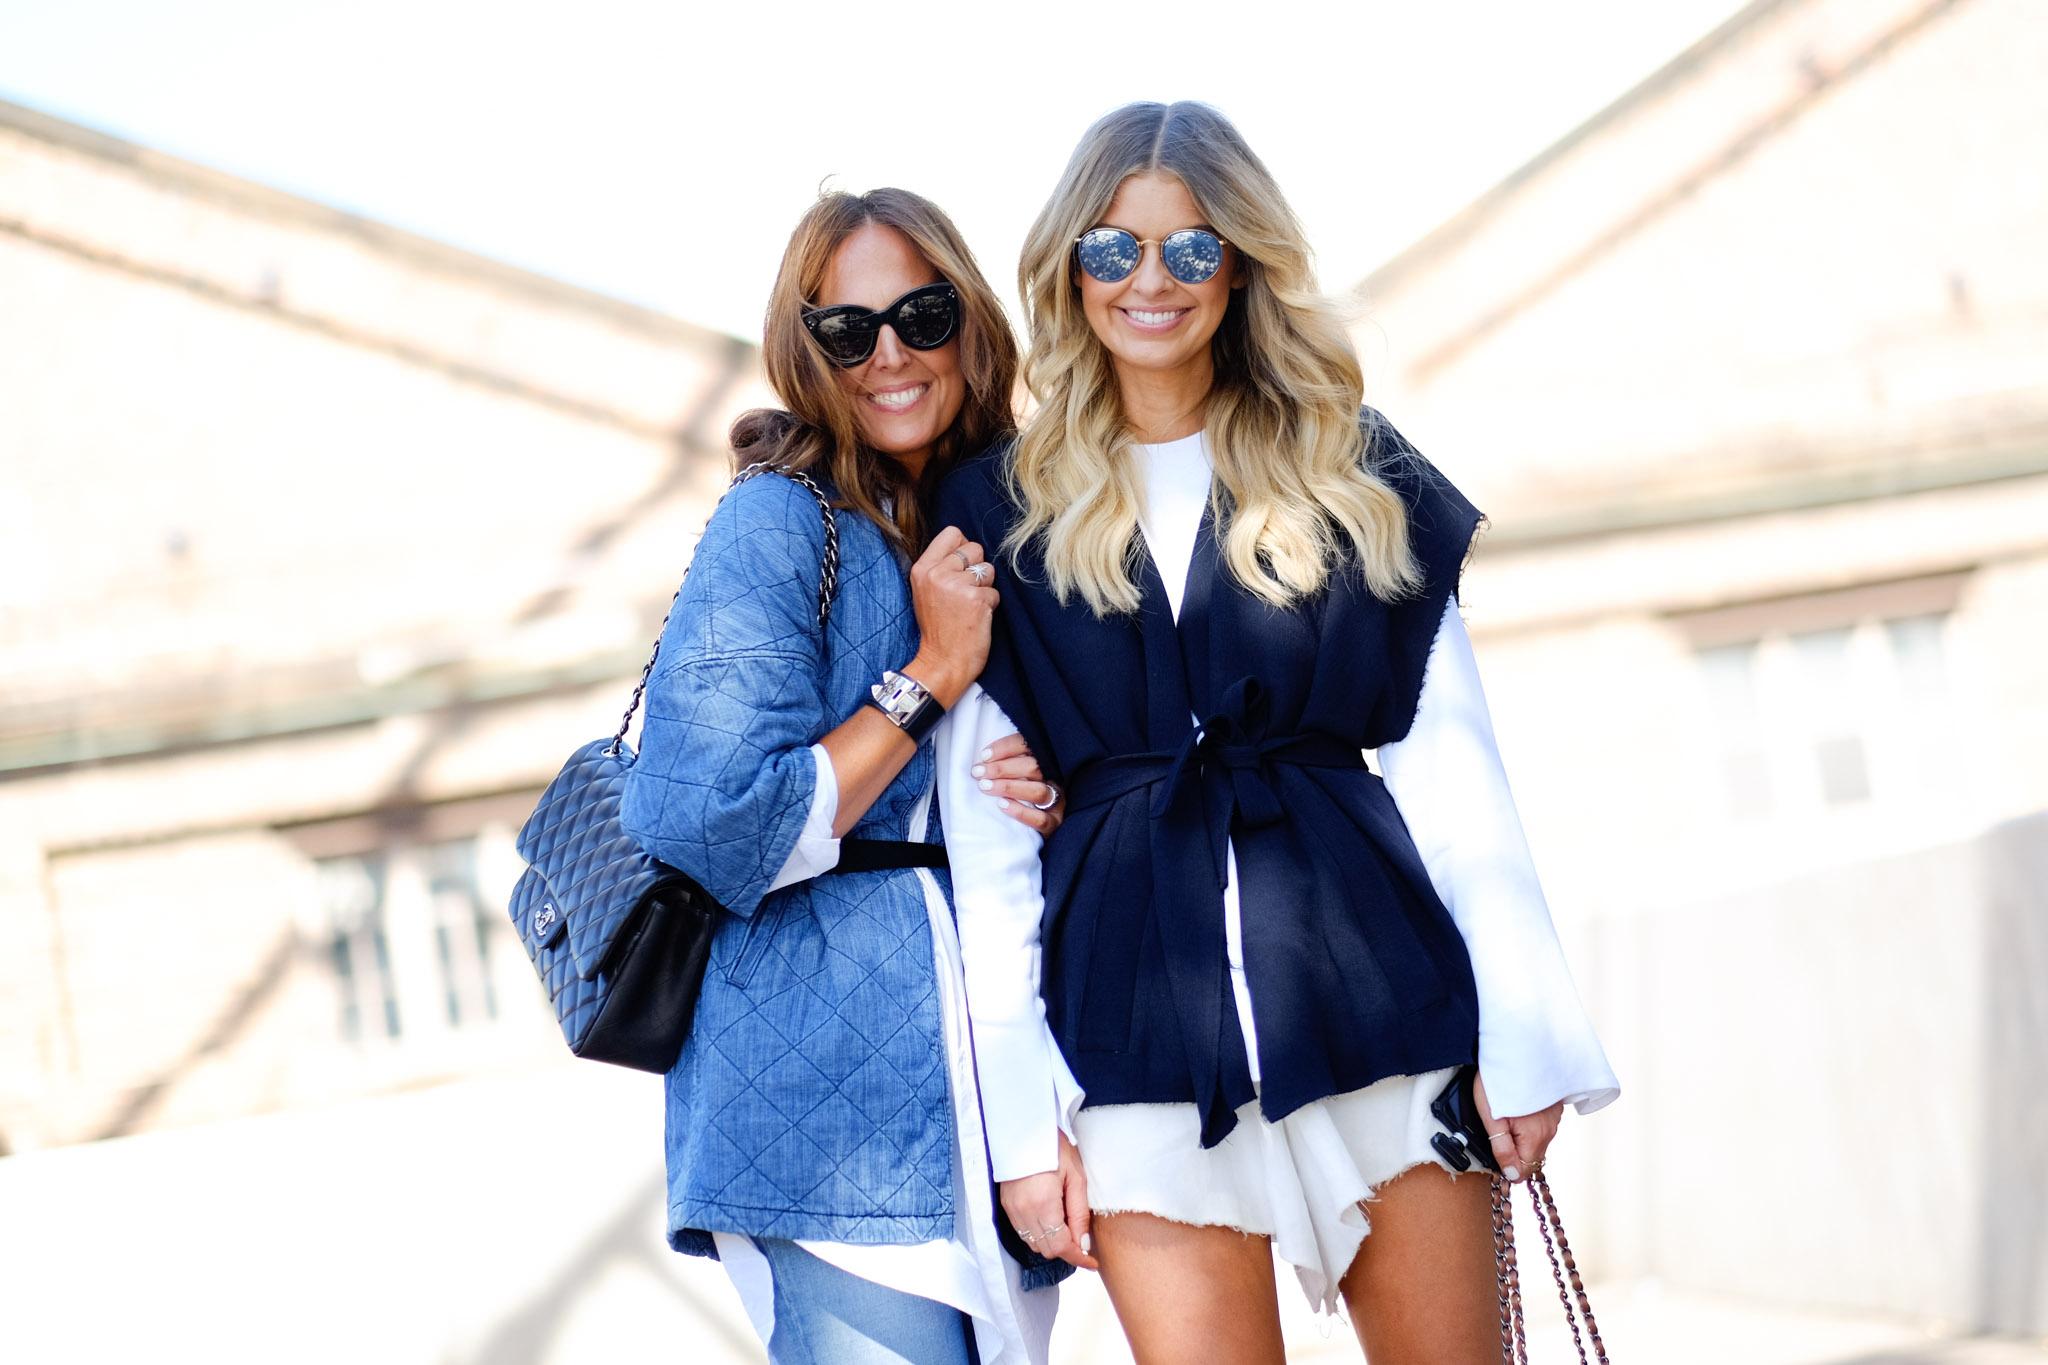 mercedes-benz-fashion-week-australia-2015-street-style-keishikibi-her-0109